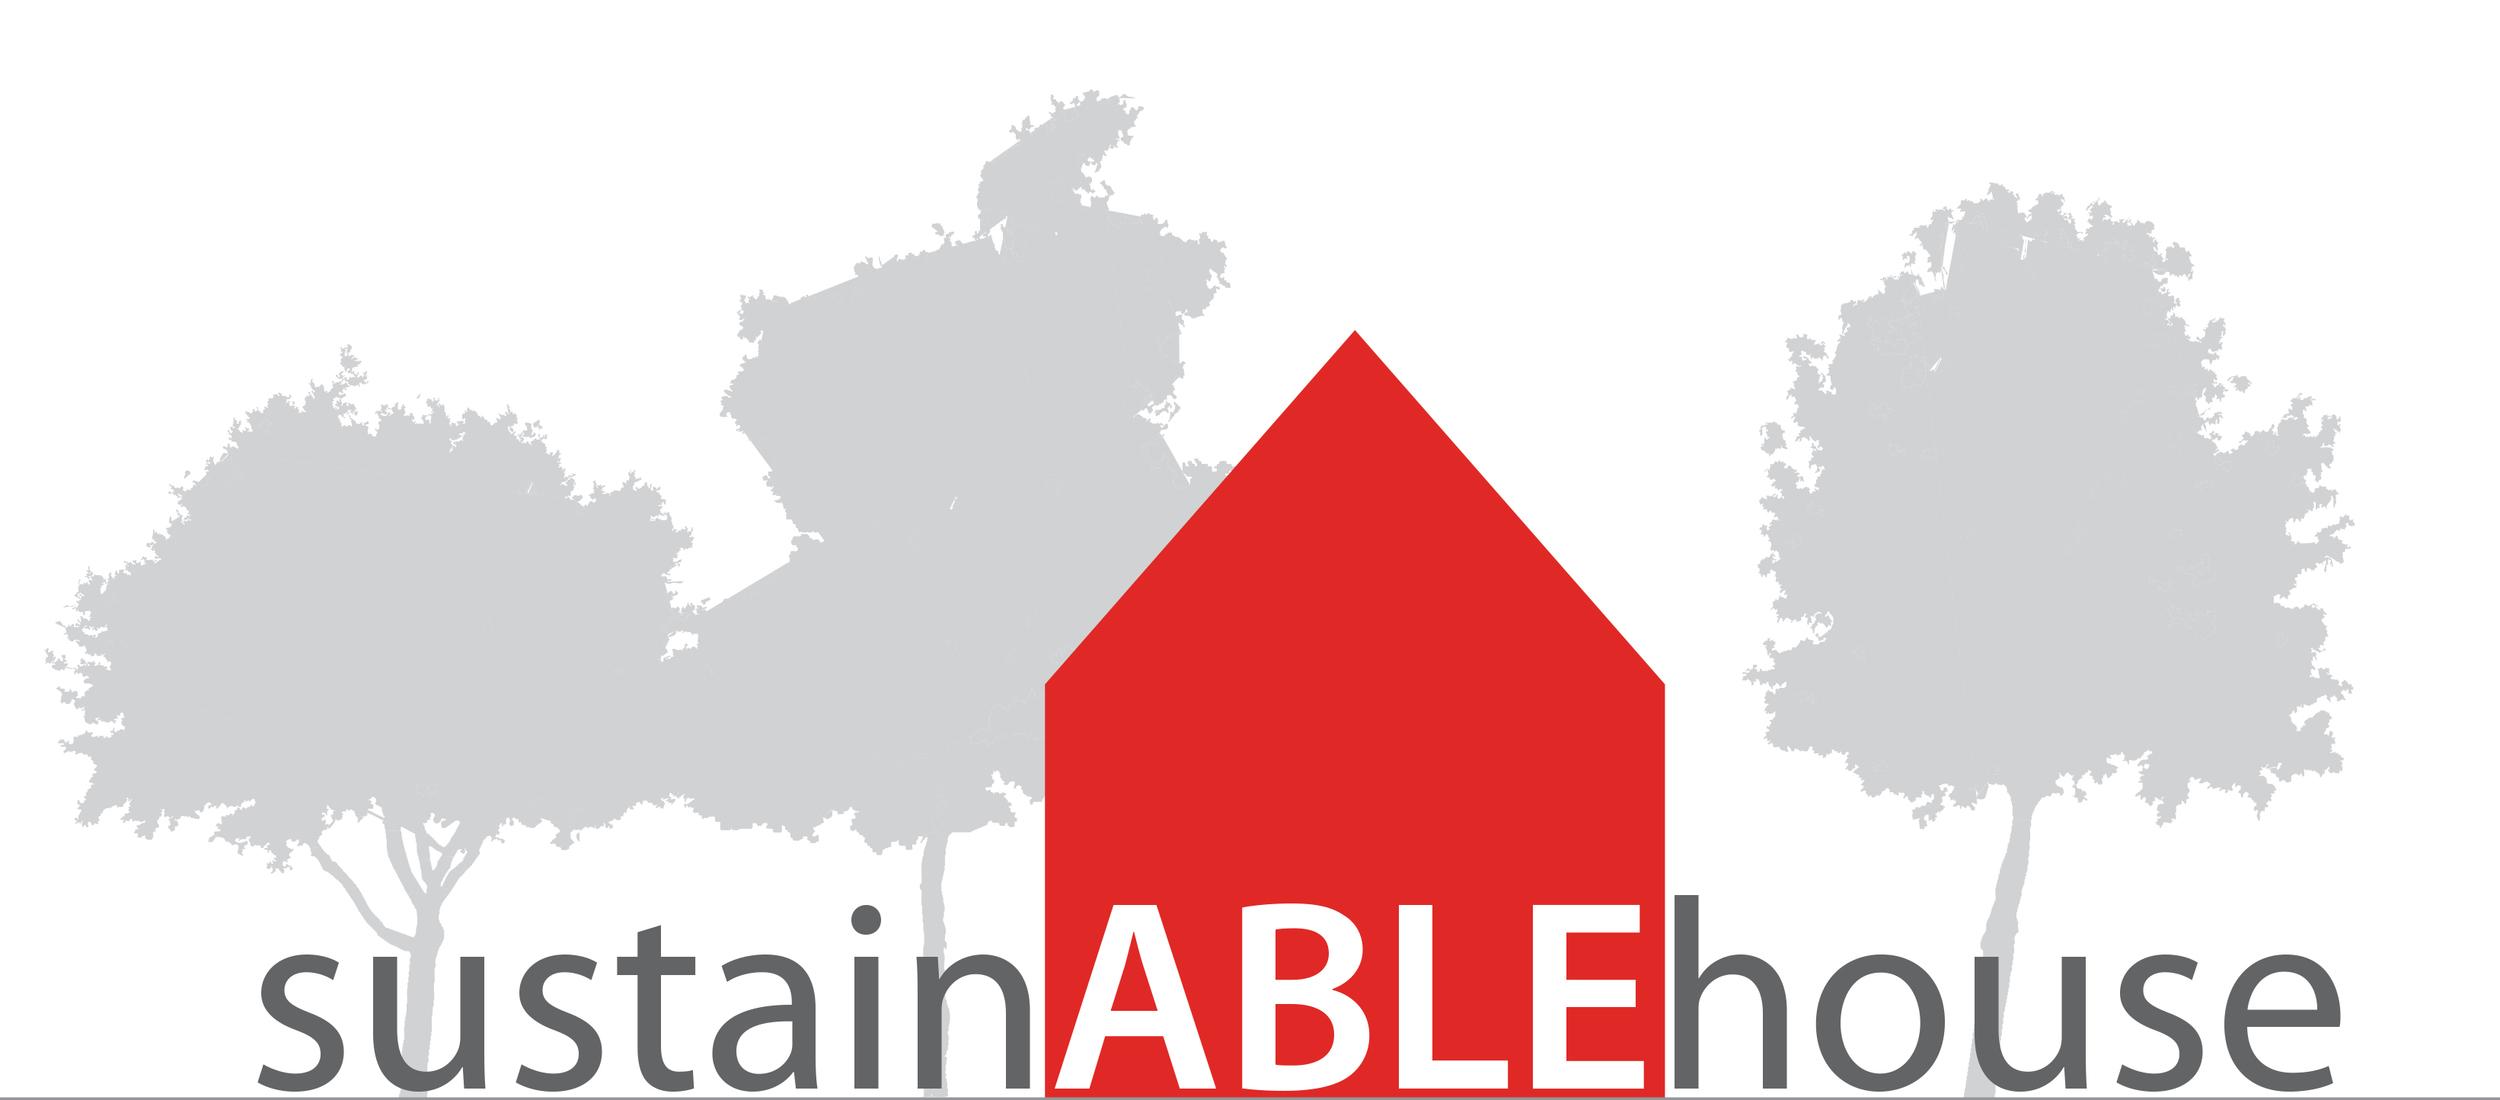 sustainABLEhouse